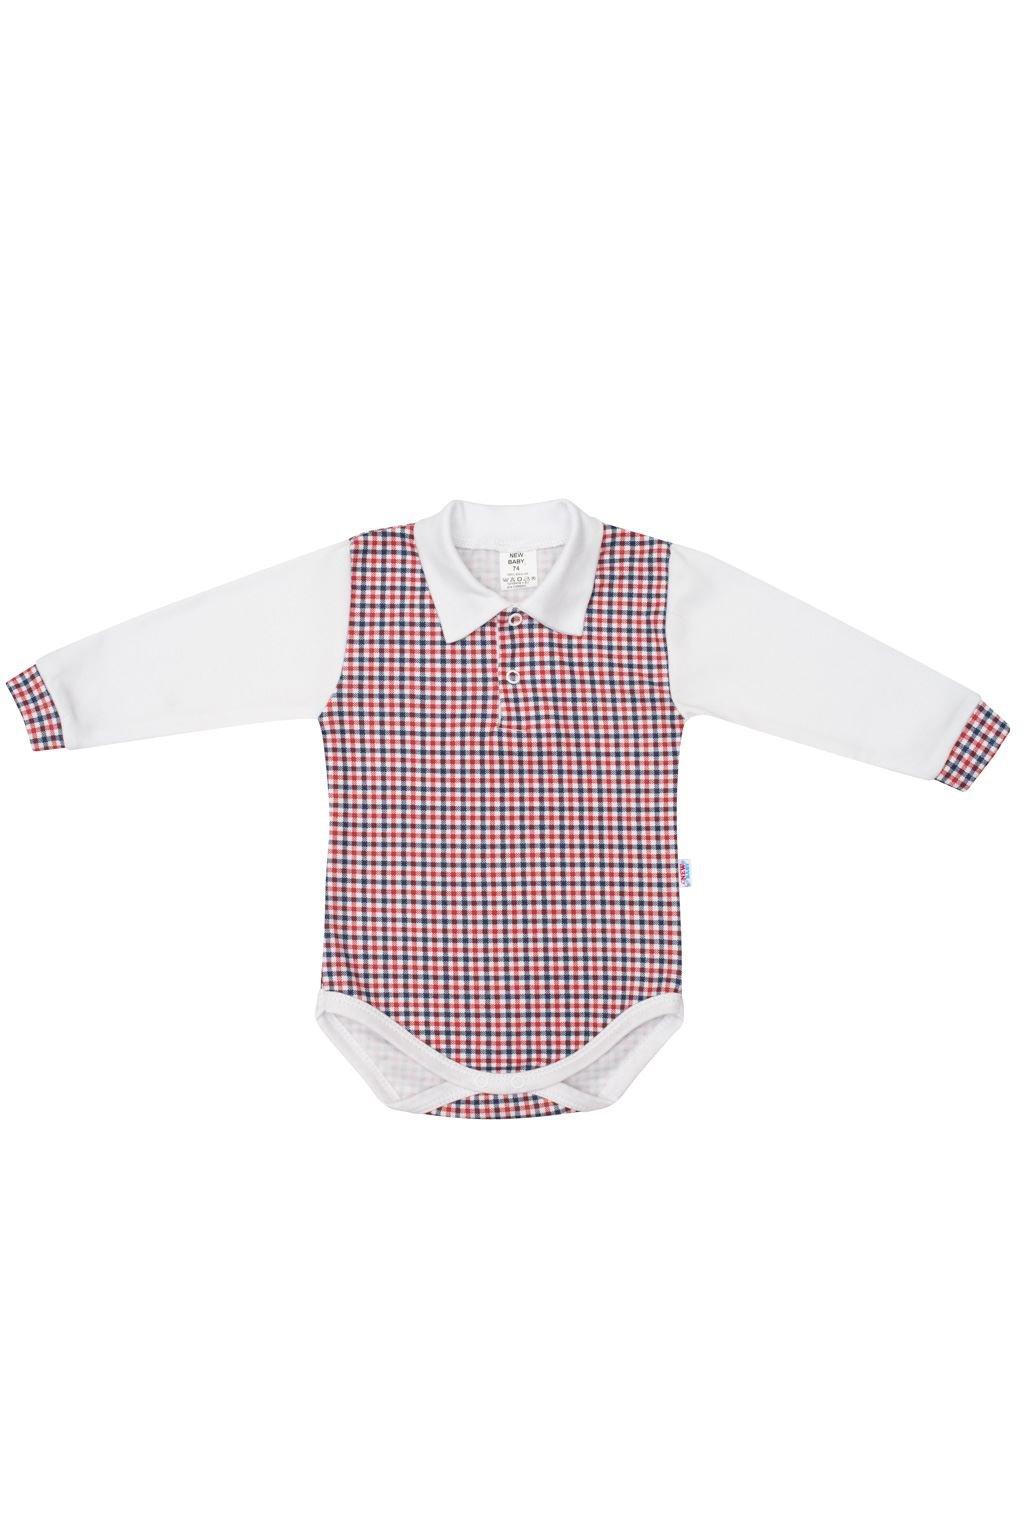 Dojčenské Polo body New Baby Checkered biele